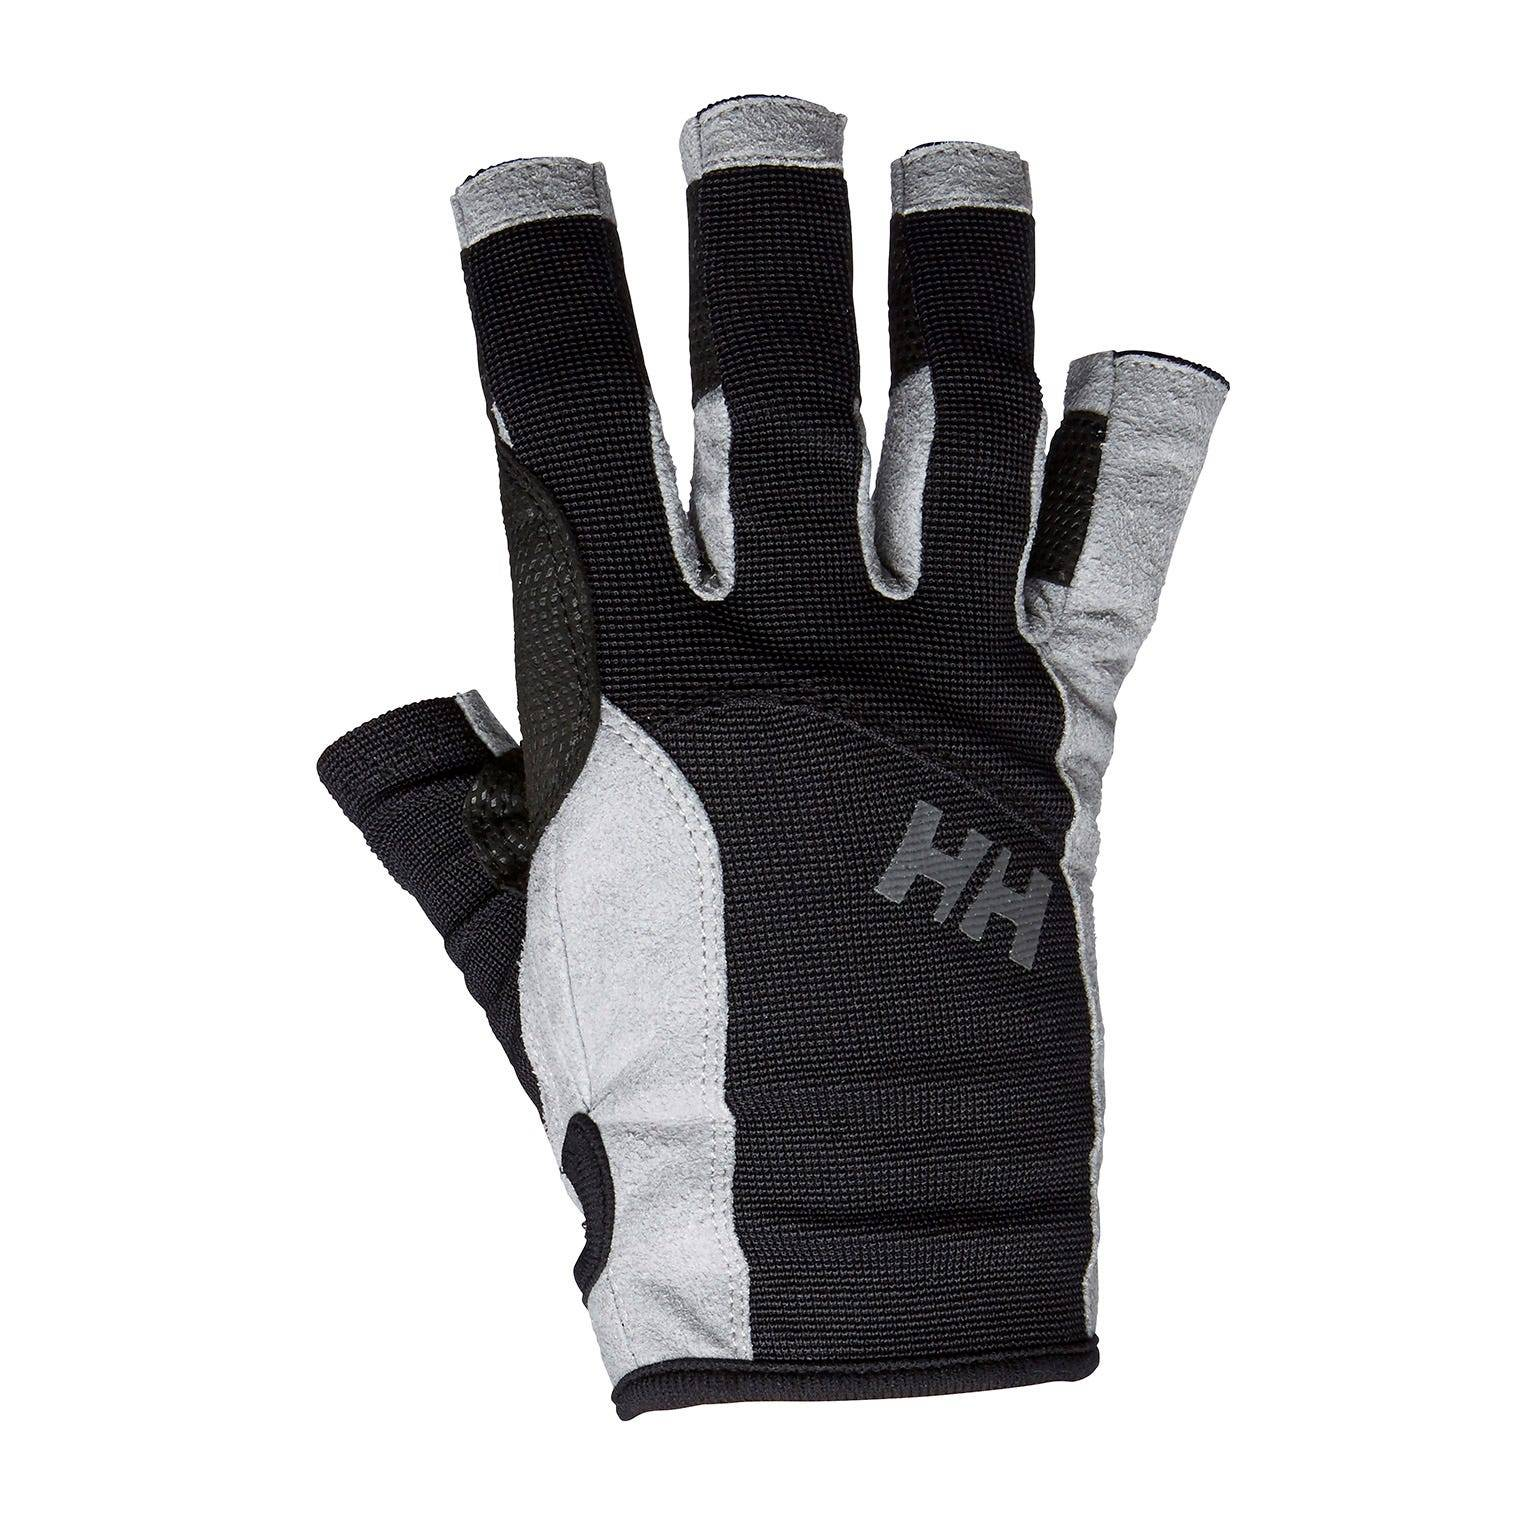 Helly Hansen Sailing Glove Short Black XL